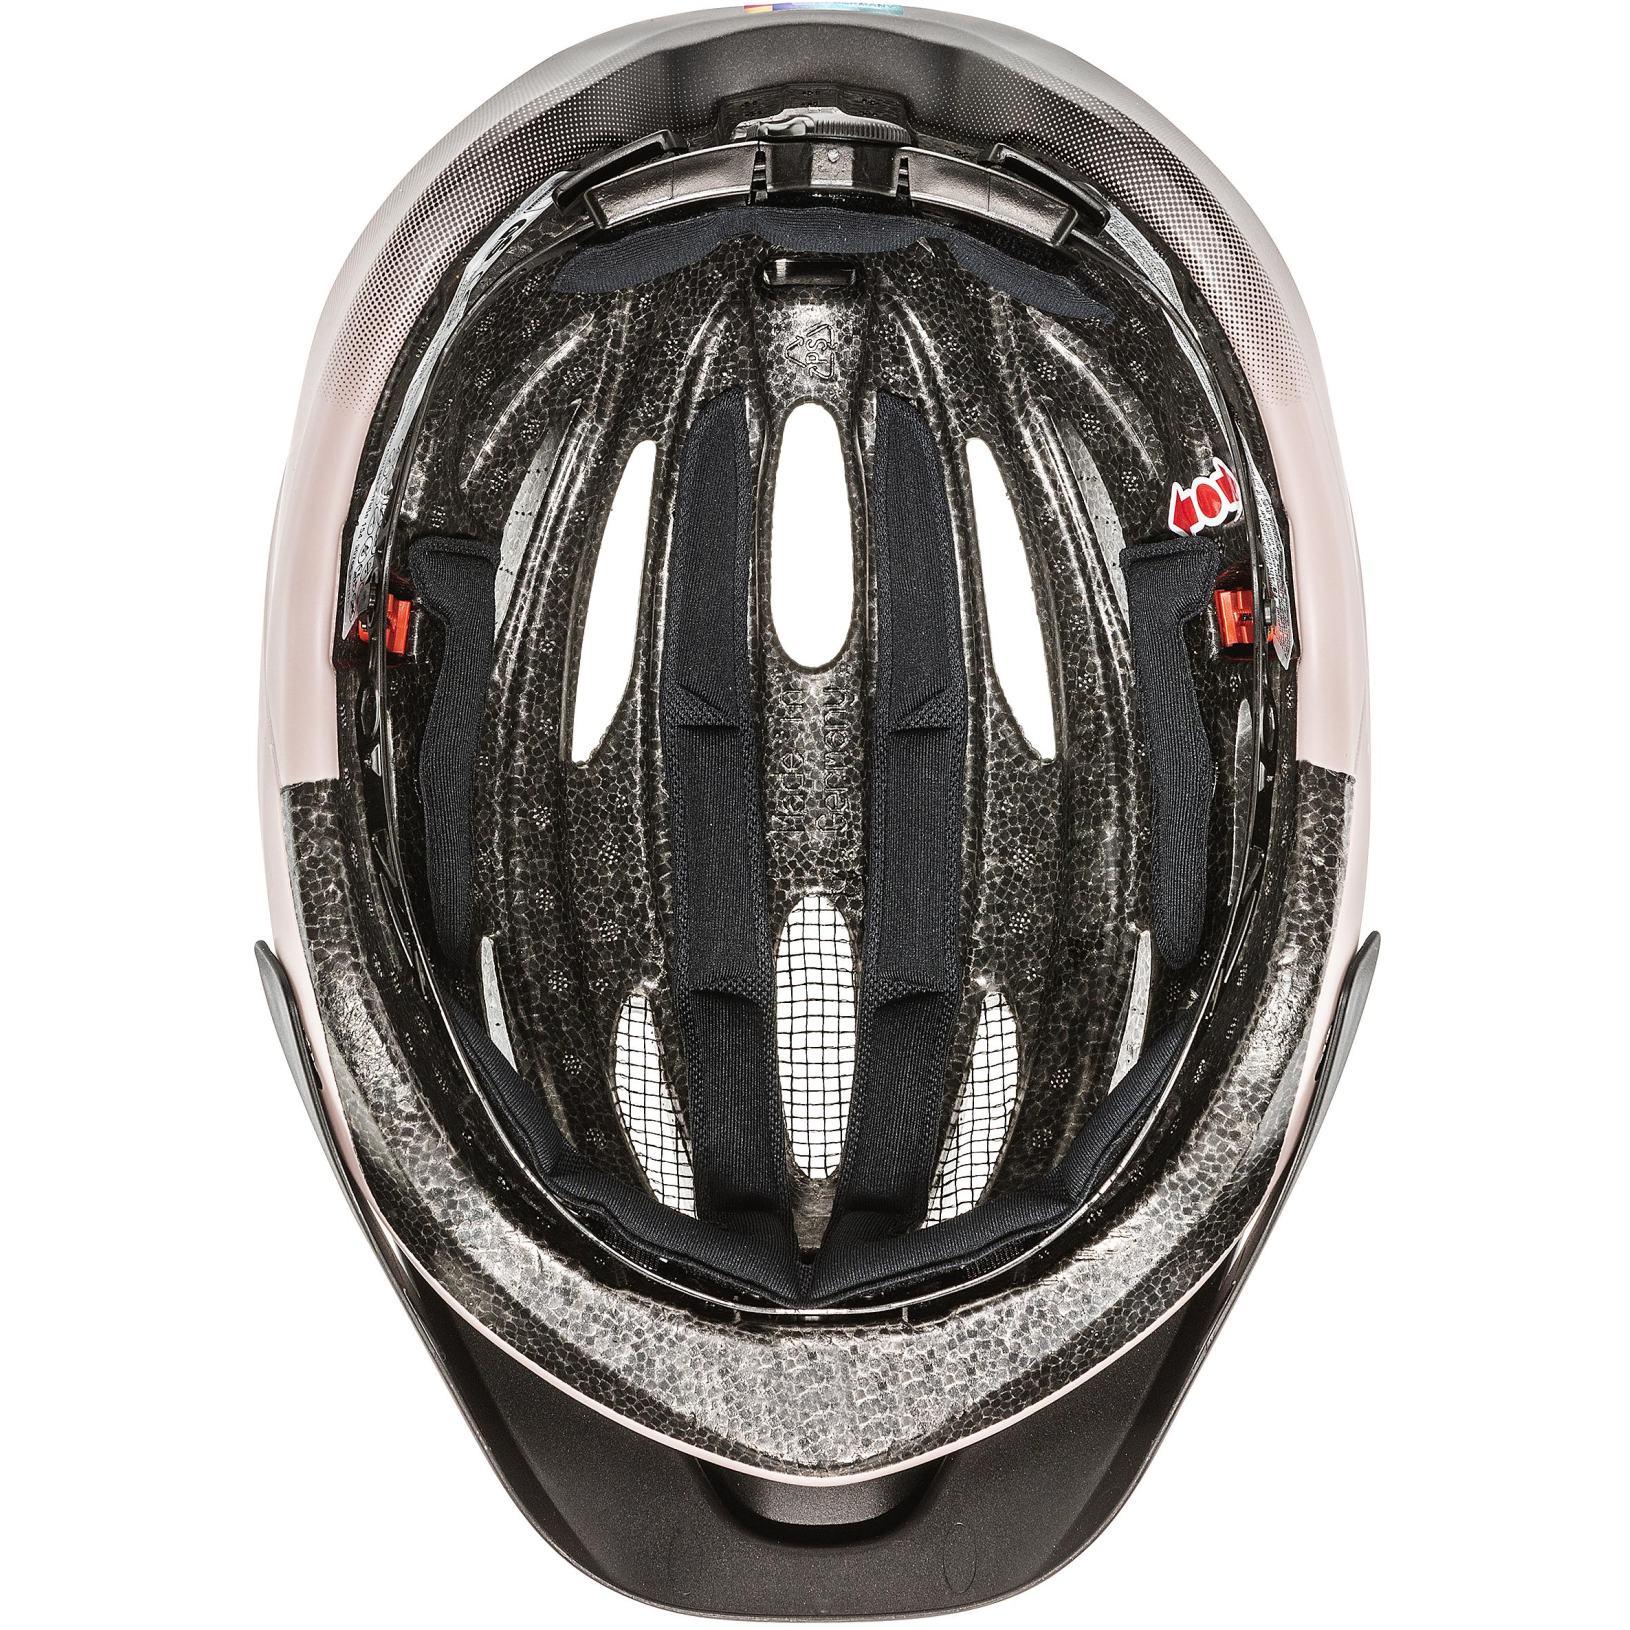 Image of Uvex true cc Helmet - dust rose-black mat